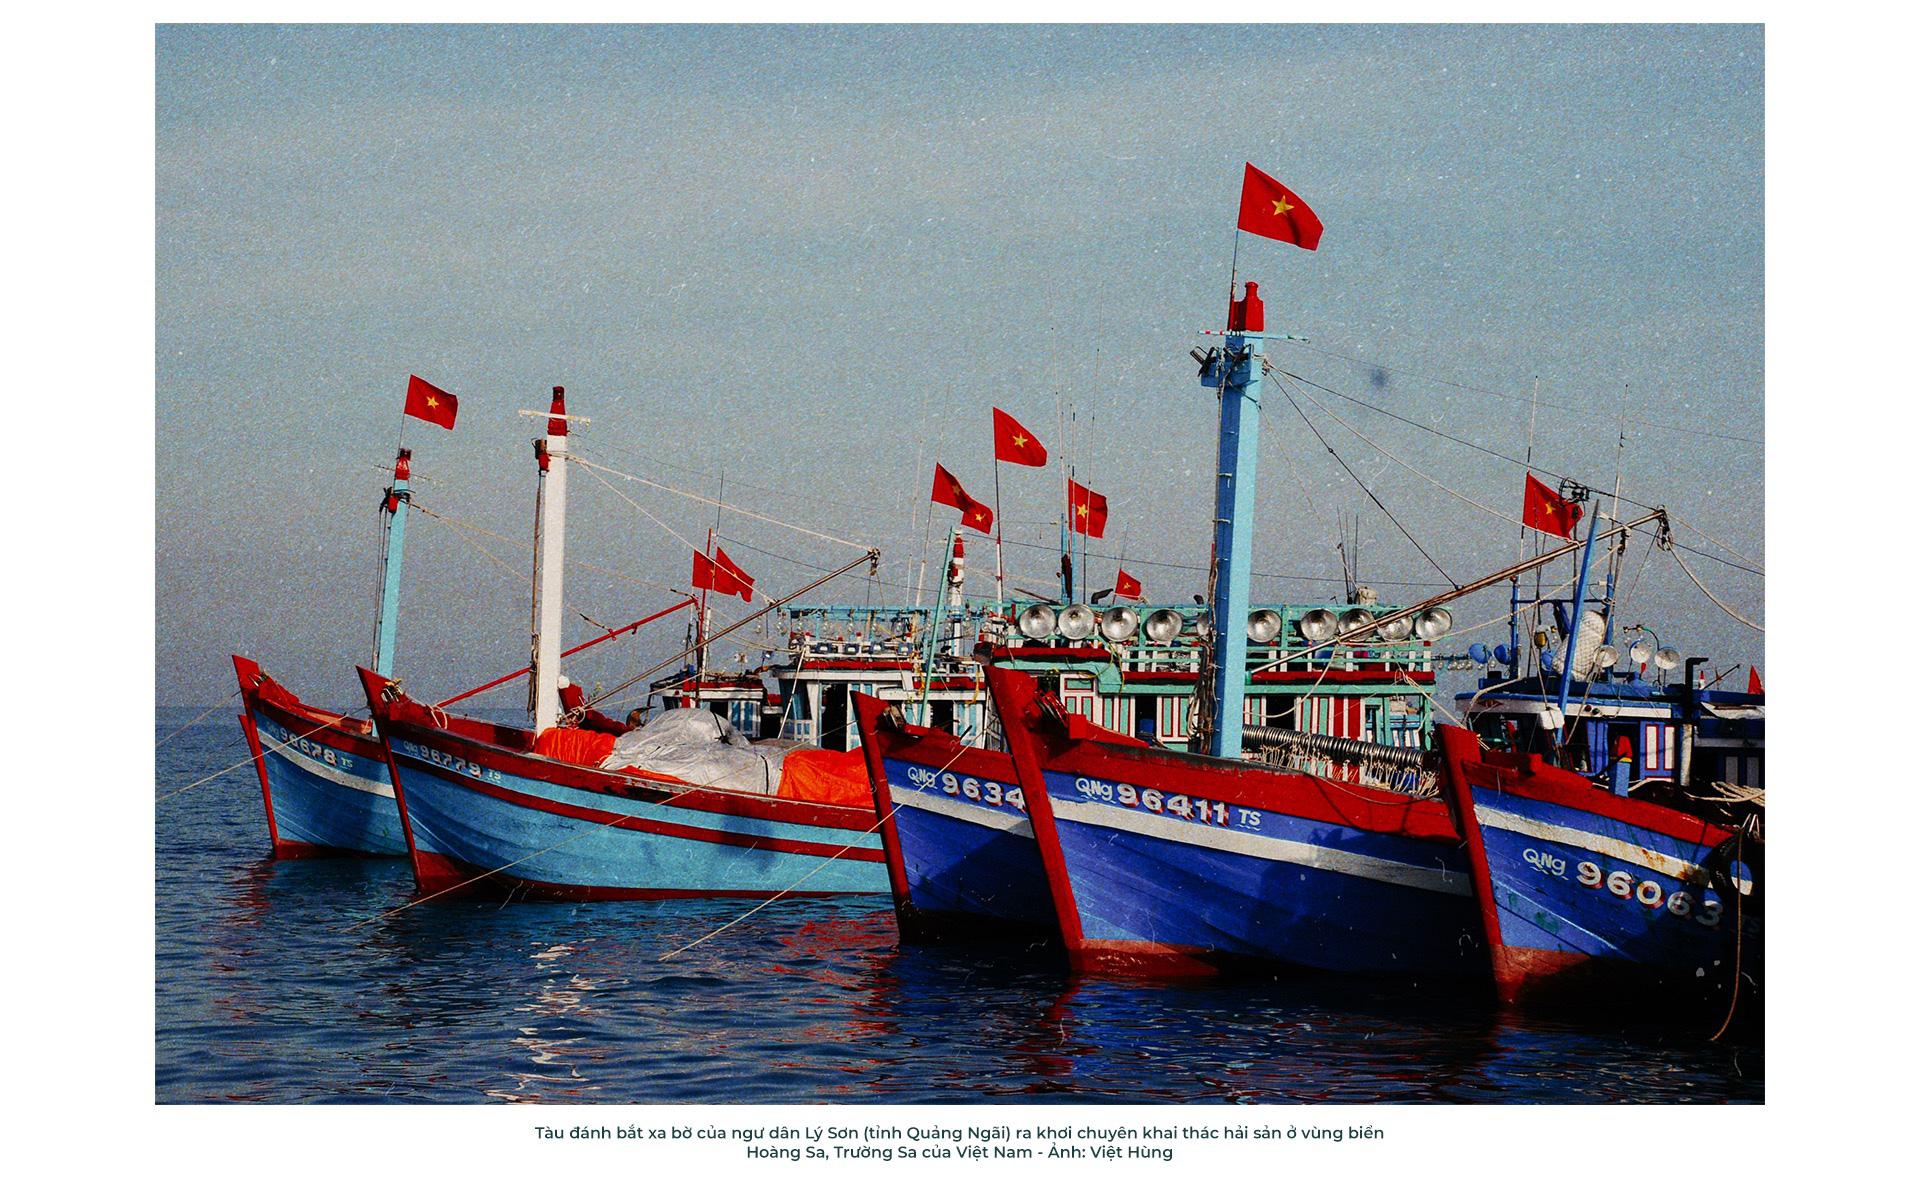 Vì sao Việt Nam có Công hàm phản đối Trung Quốc? - Ảnh 4.